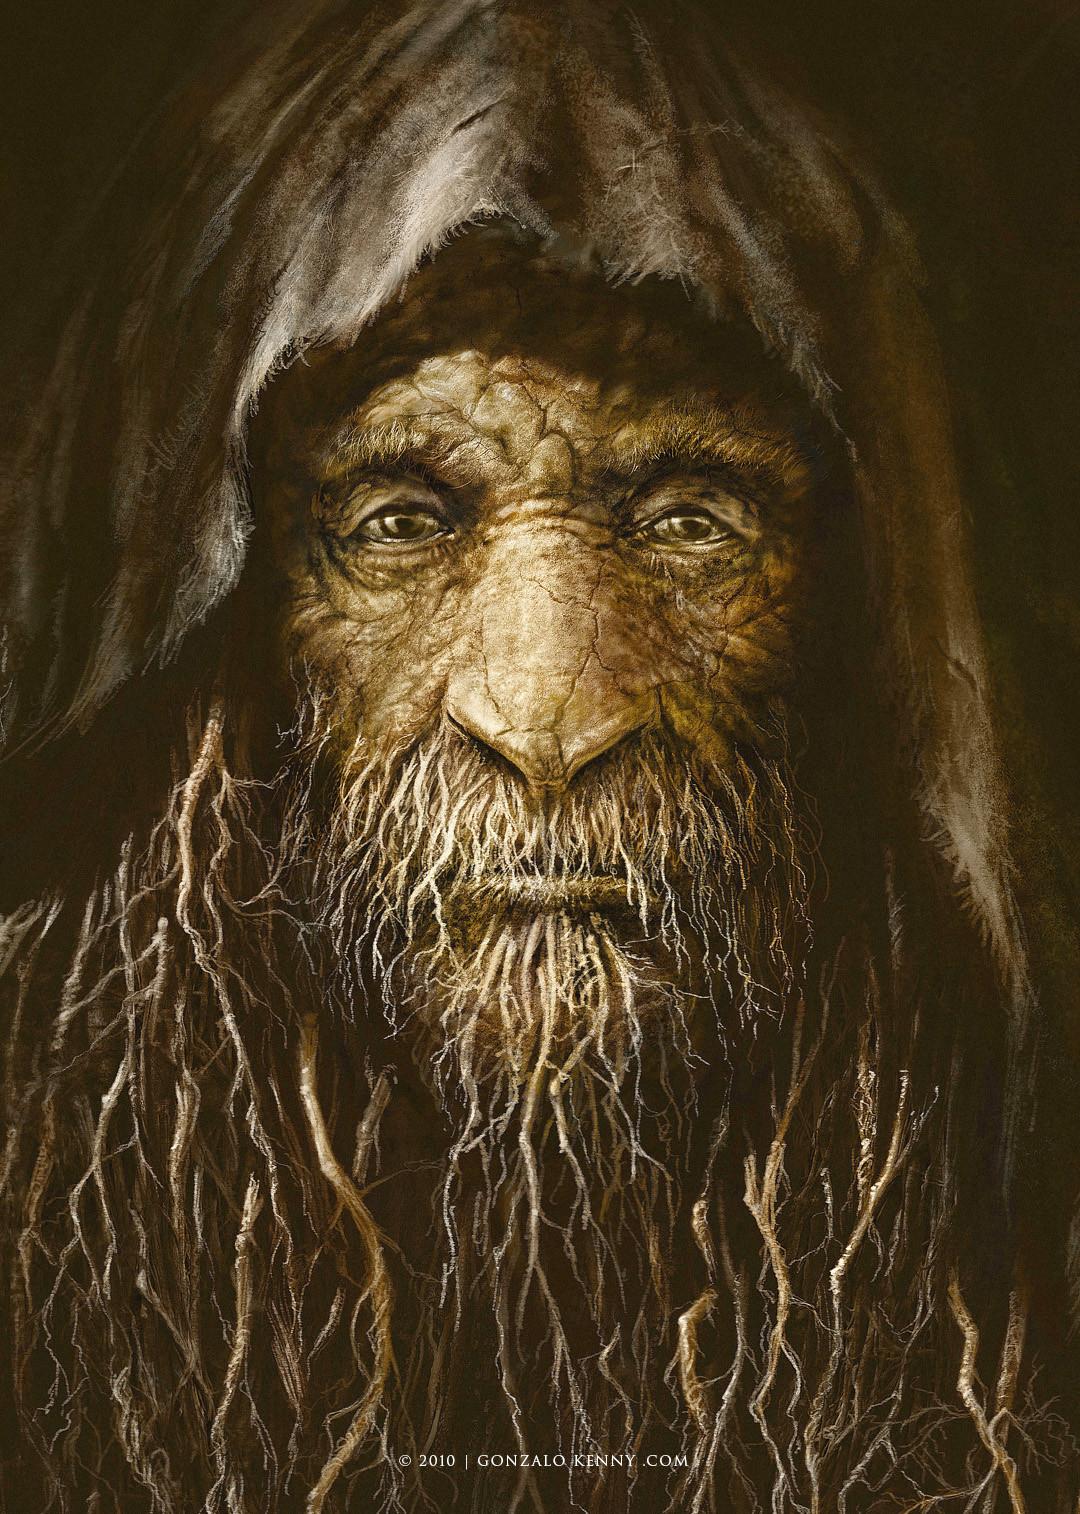 Kupuka, the witcher